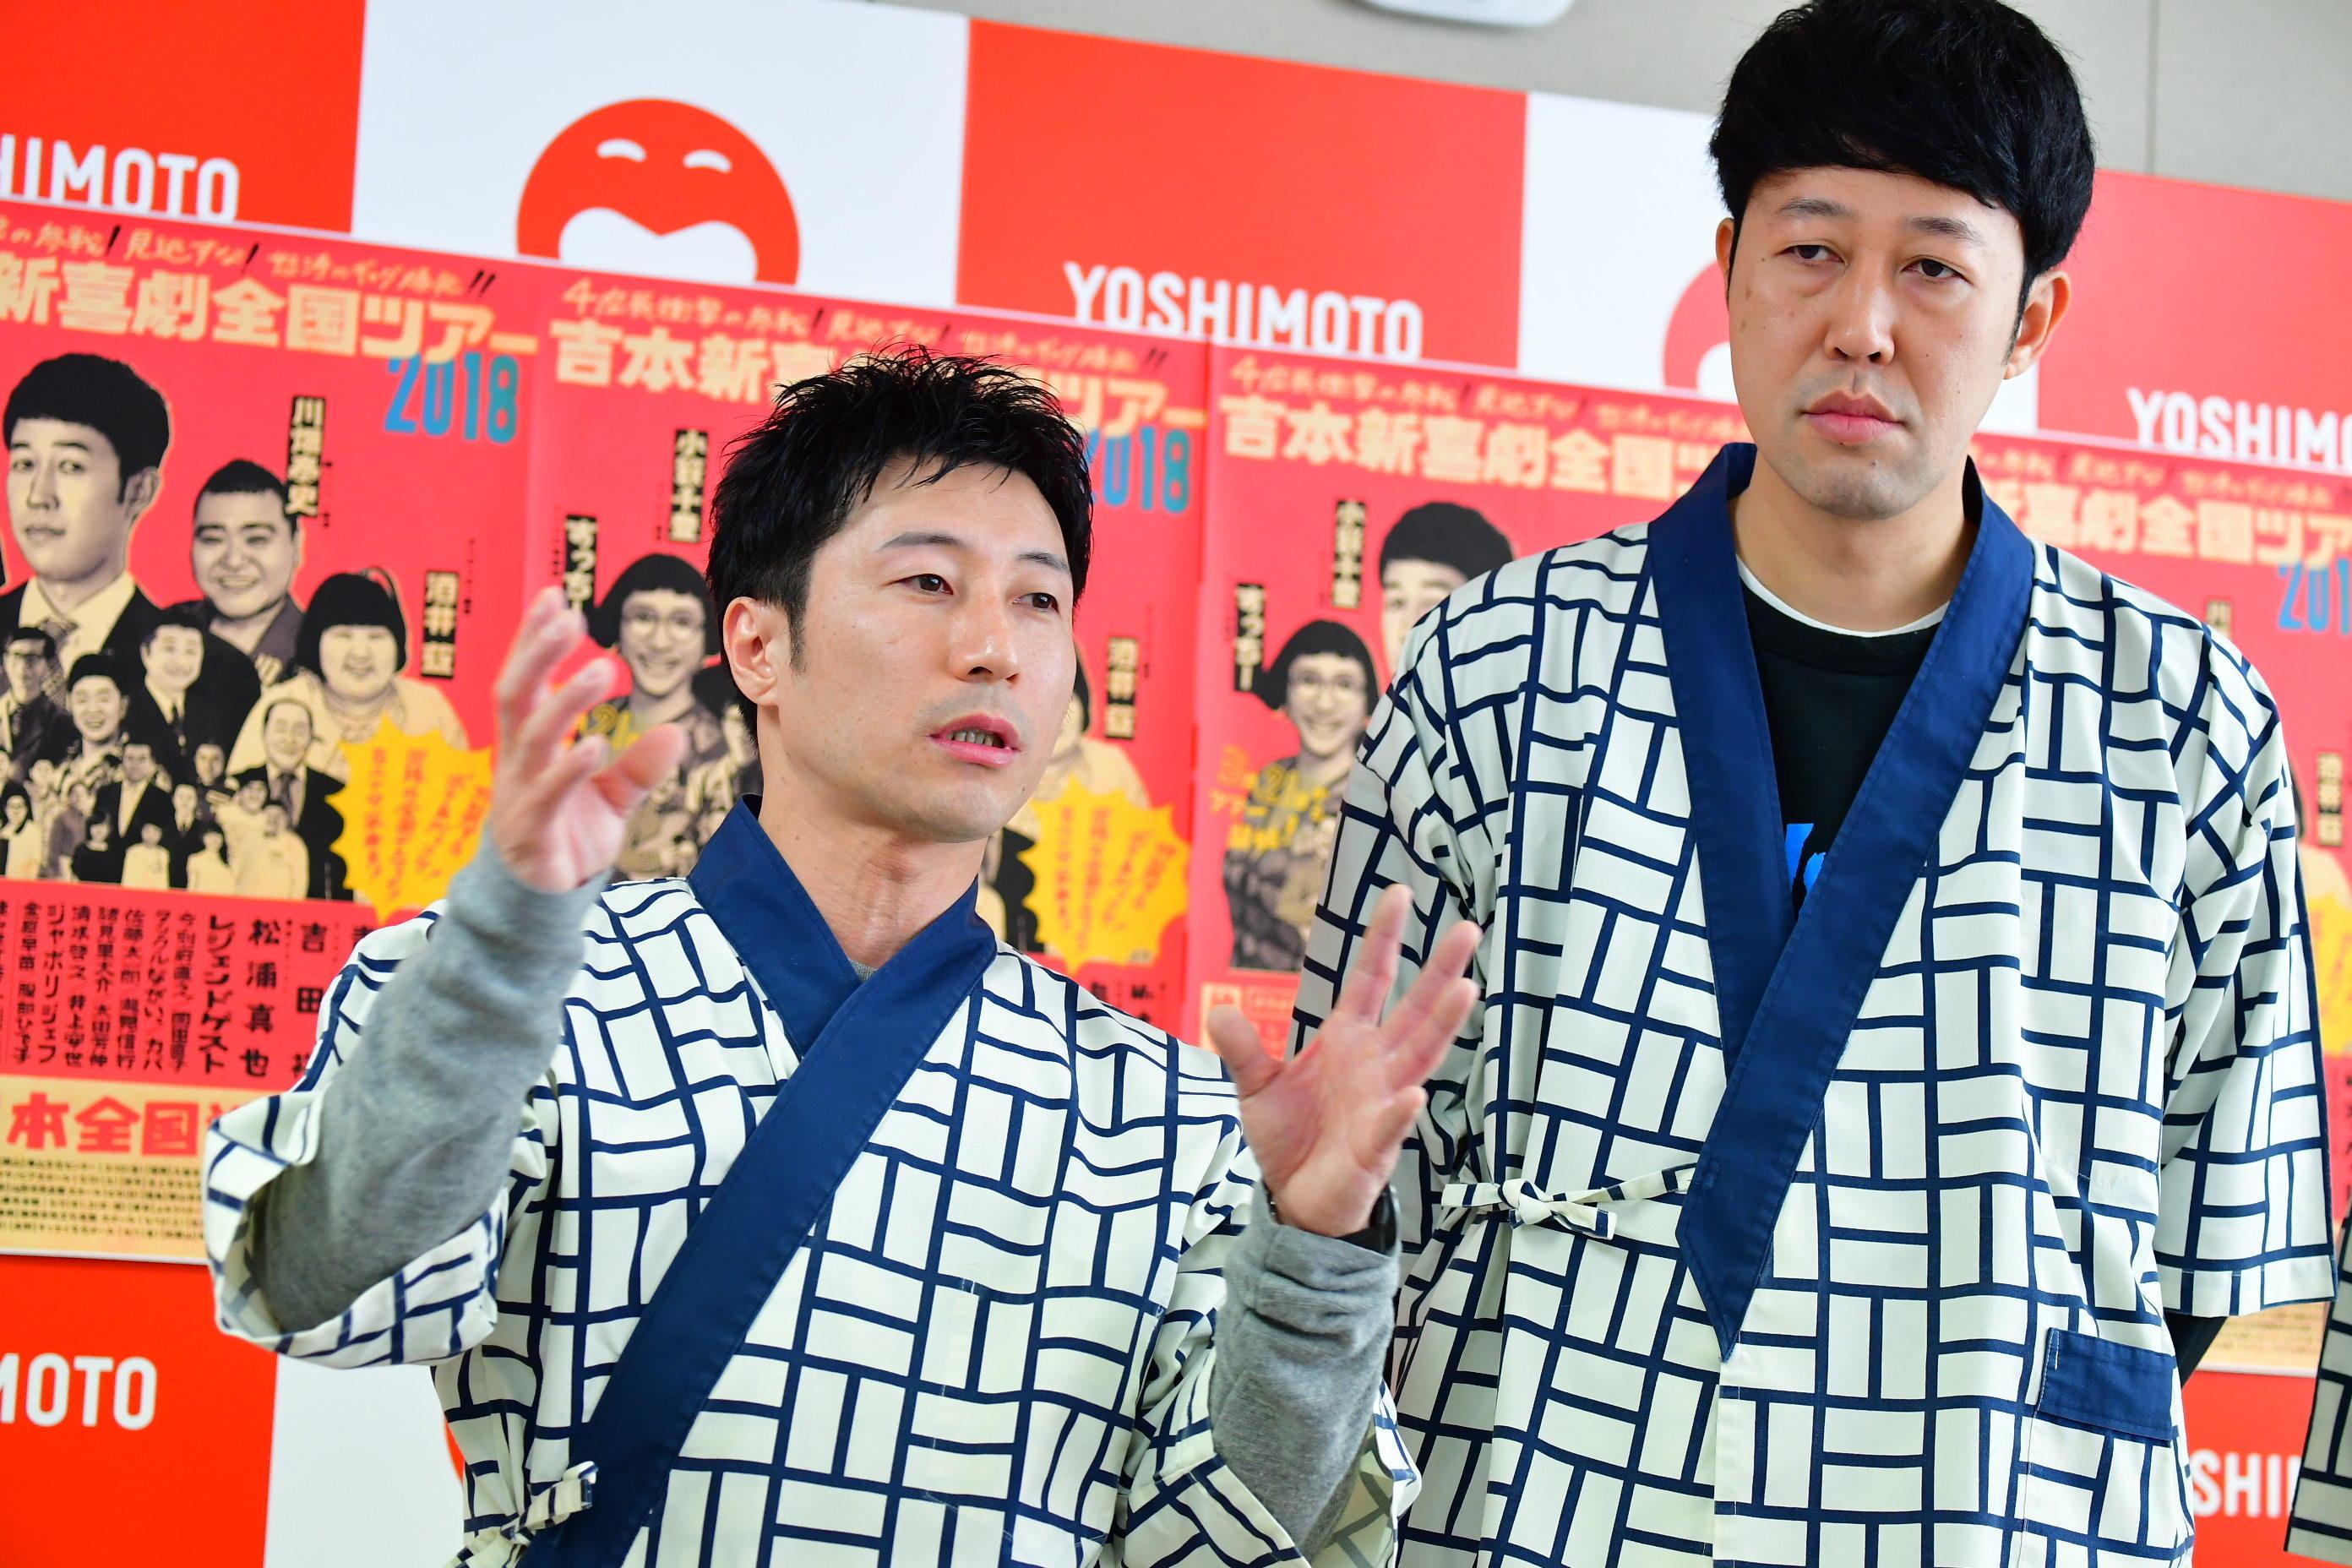 http://news.yoshimoto.co.jp/20180205175158-0fe2dd3778efe8ee68a9f2bd8ca38b5aef87ffaf.jpg